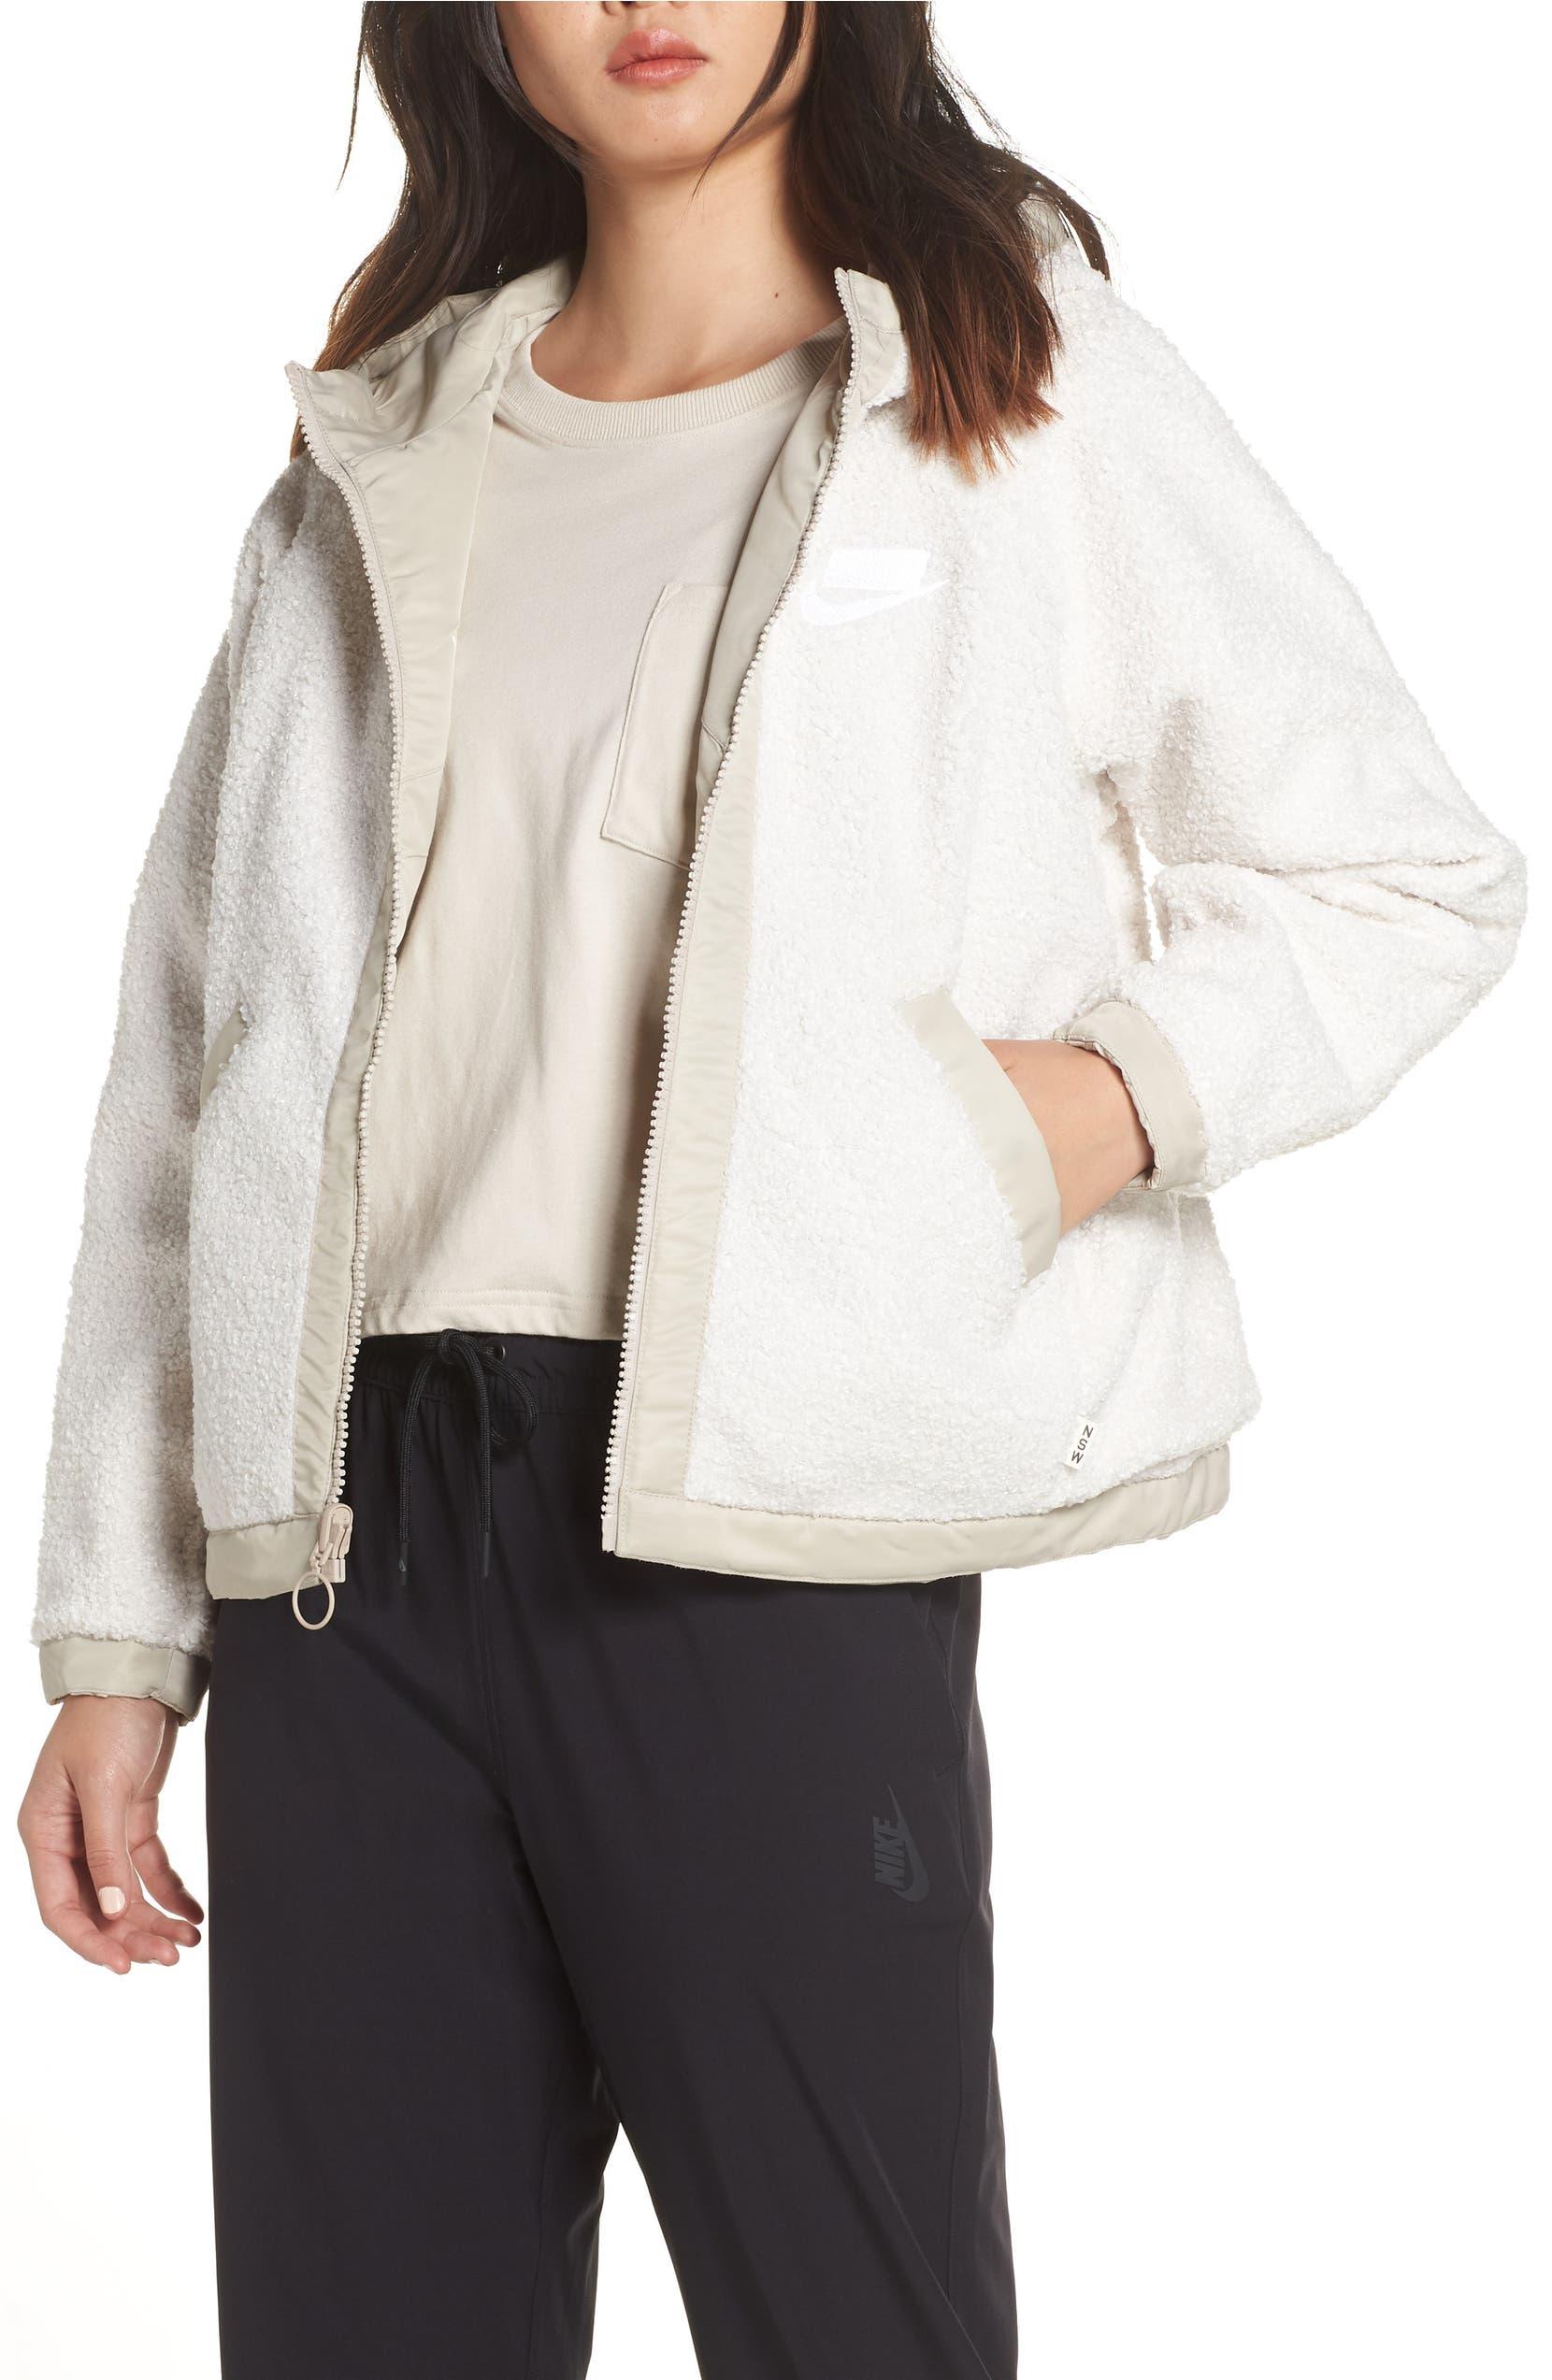 6fbcdd5d6496 Nike Sportswear Women s Reversible Full-Zip Fleece Jacket